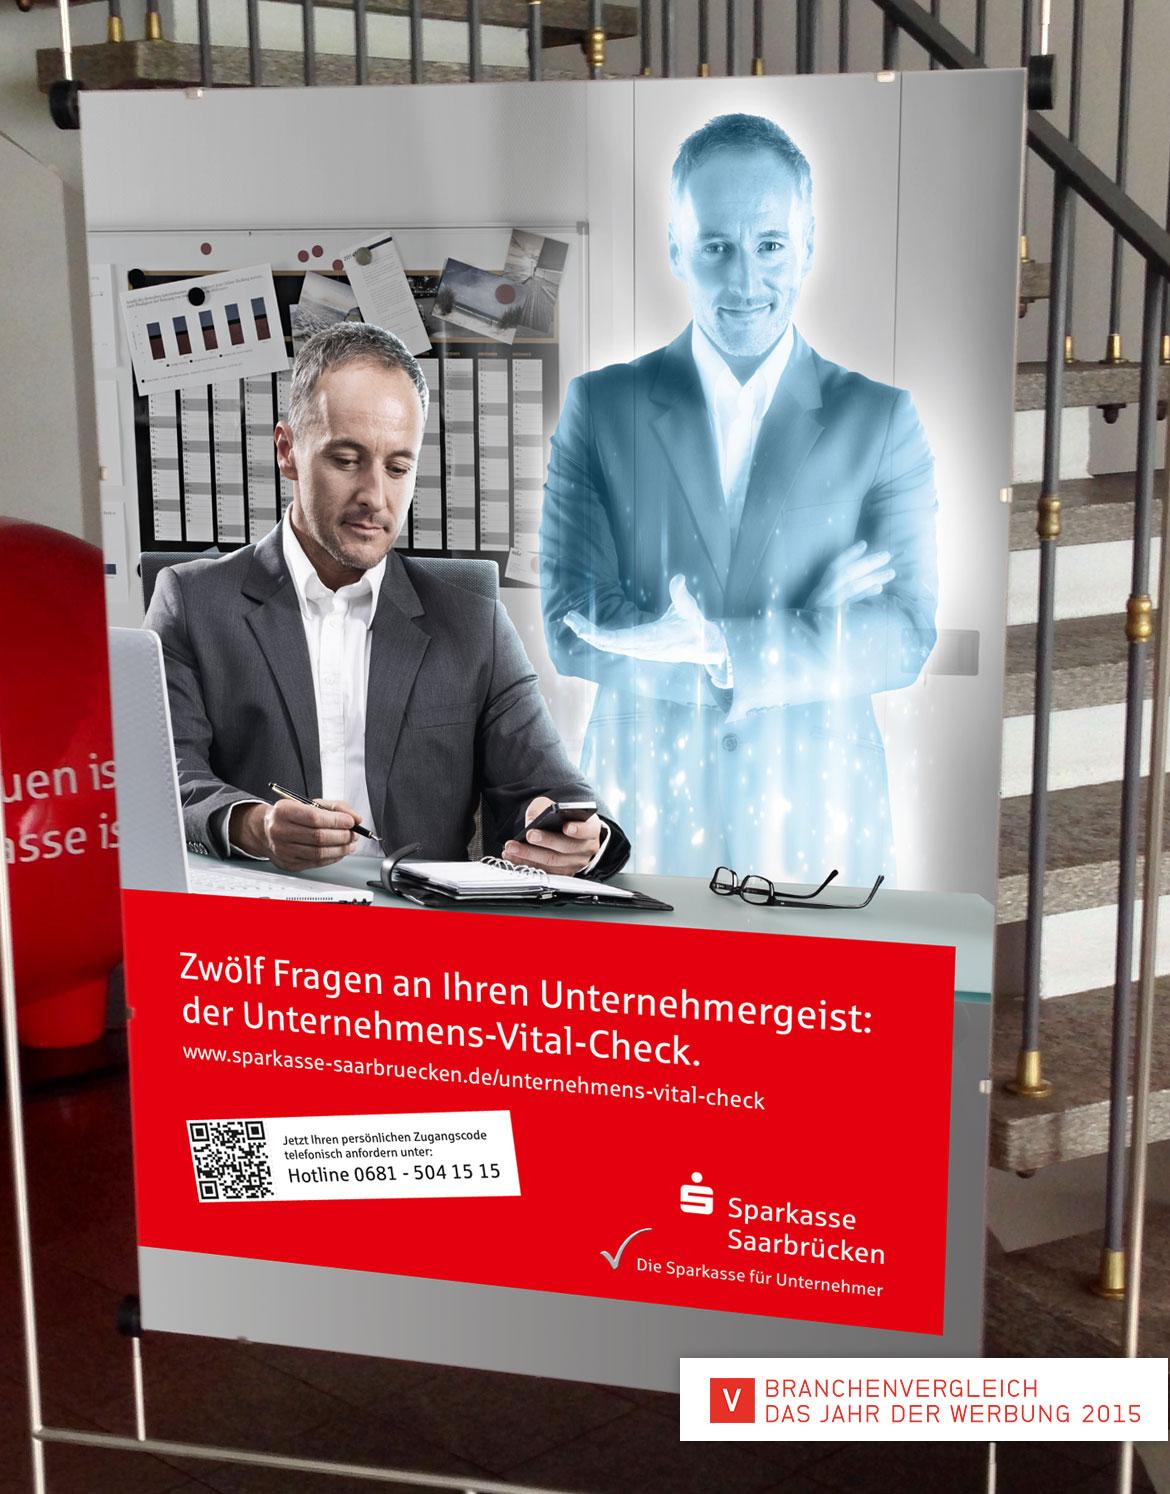 Sparkasse Unternehmergeist Jahr der Werbung